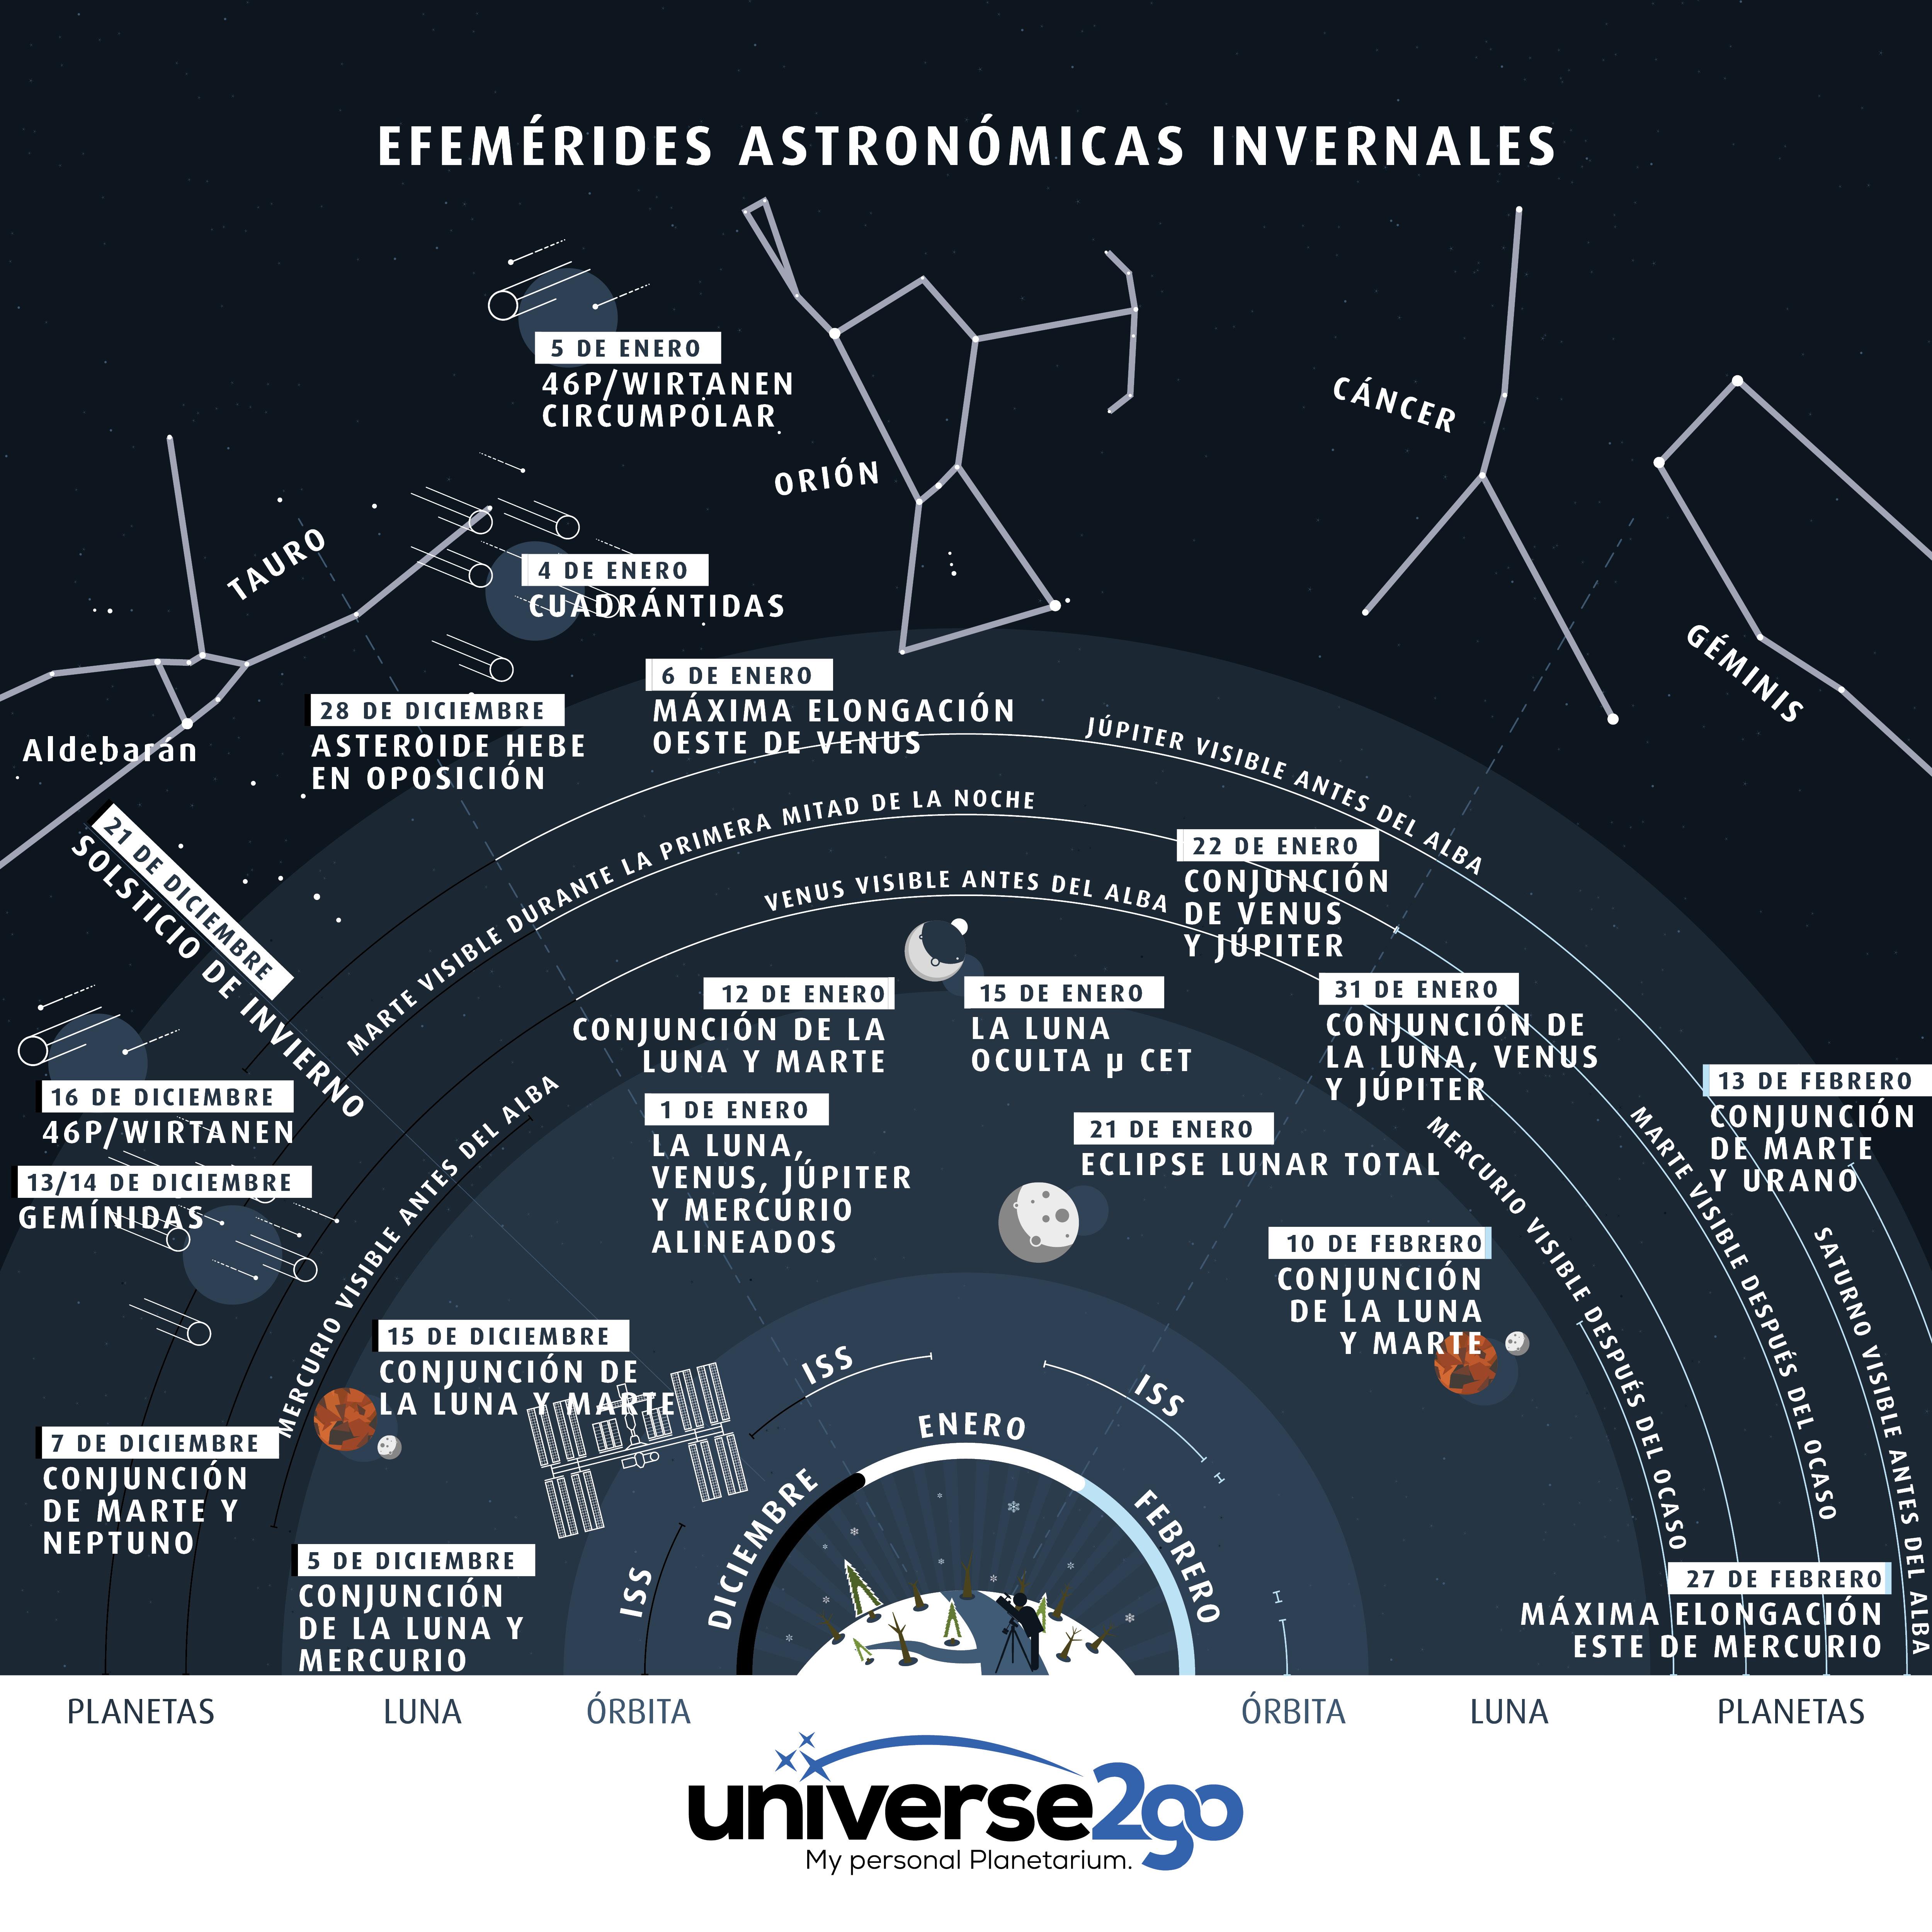 El calendario astronómico para los próximos tres meses: nuestra más reciente infografía-Efemérides-en-las-noches-de-invierno-2018y